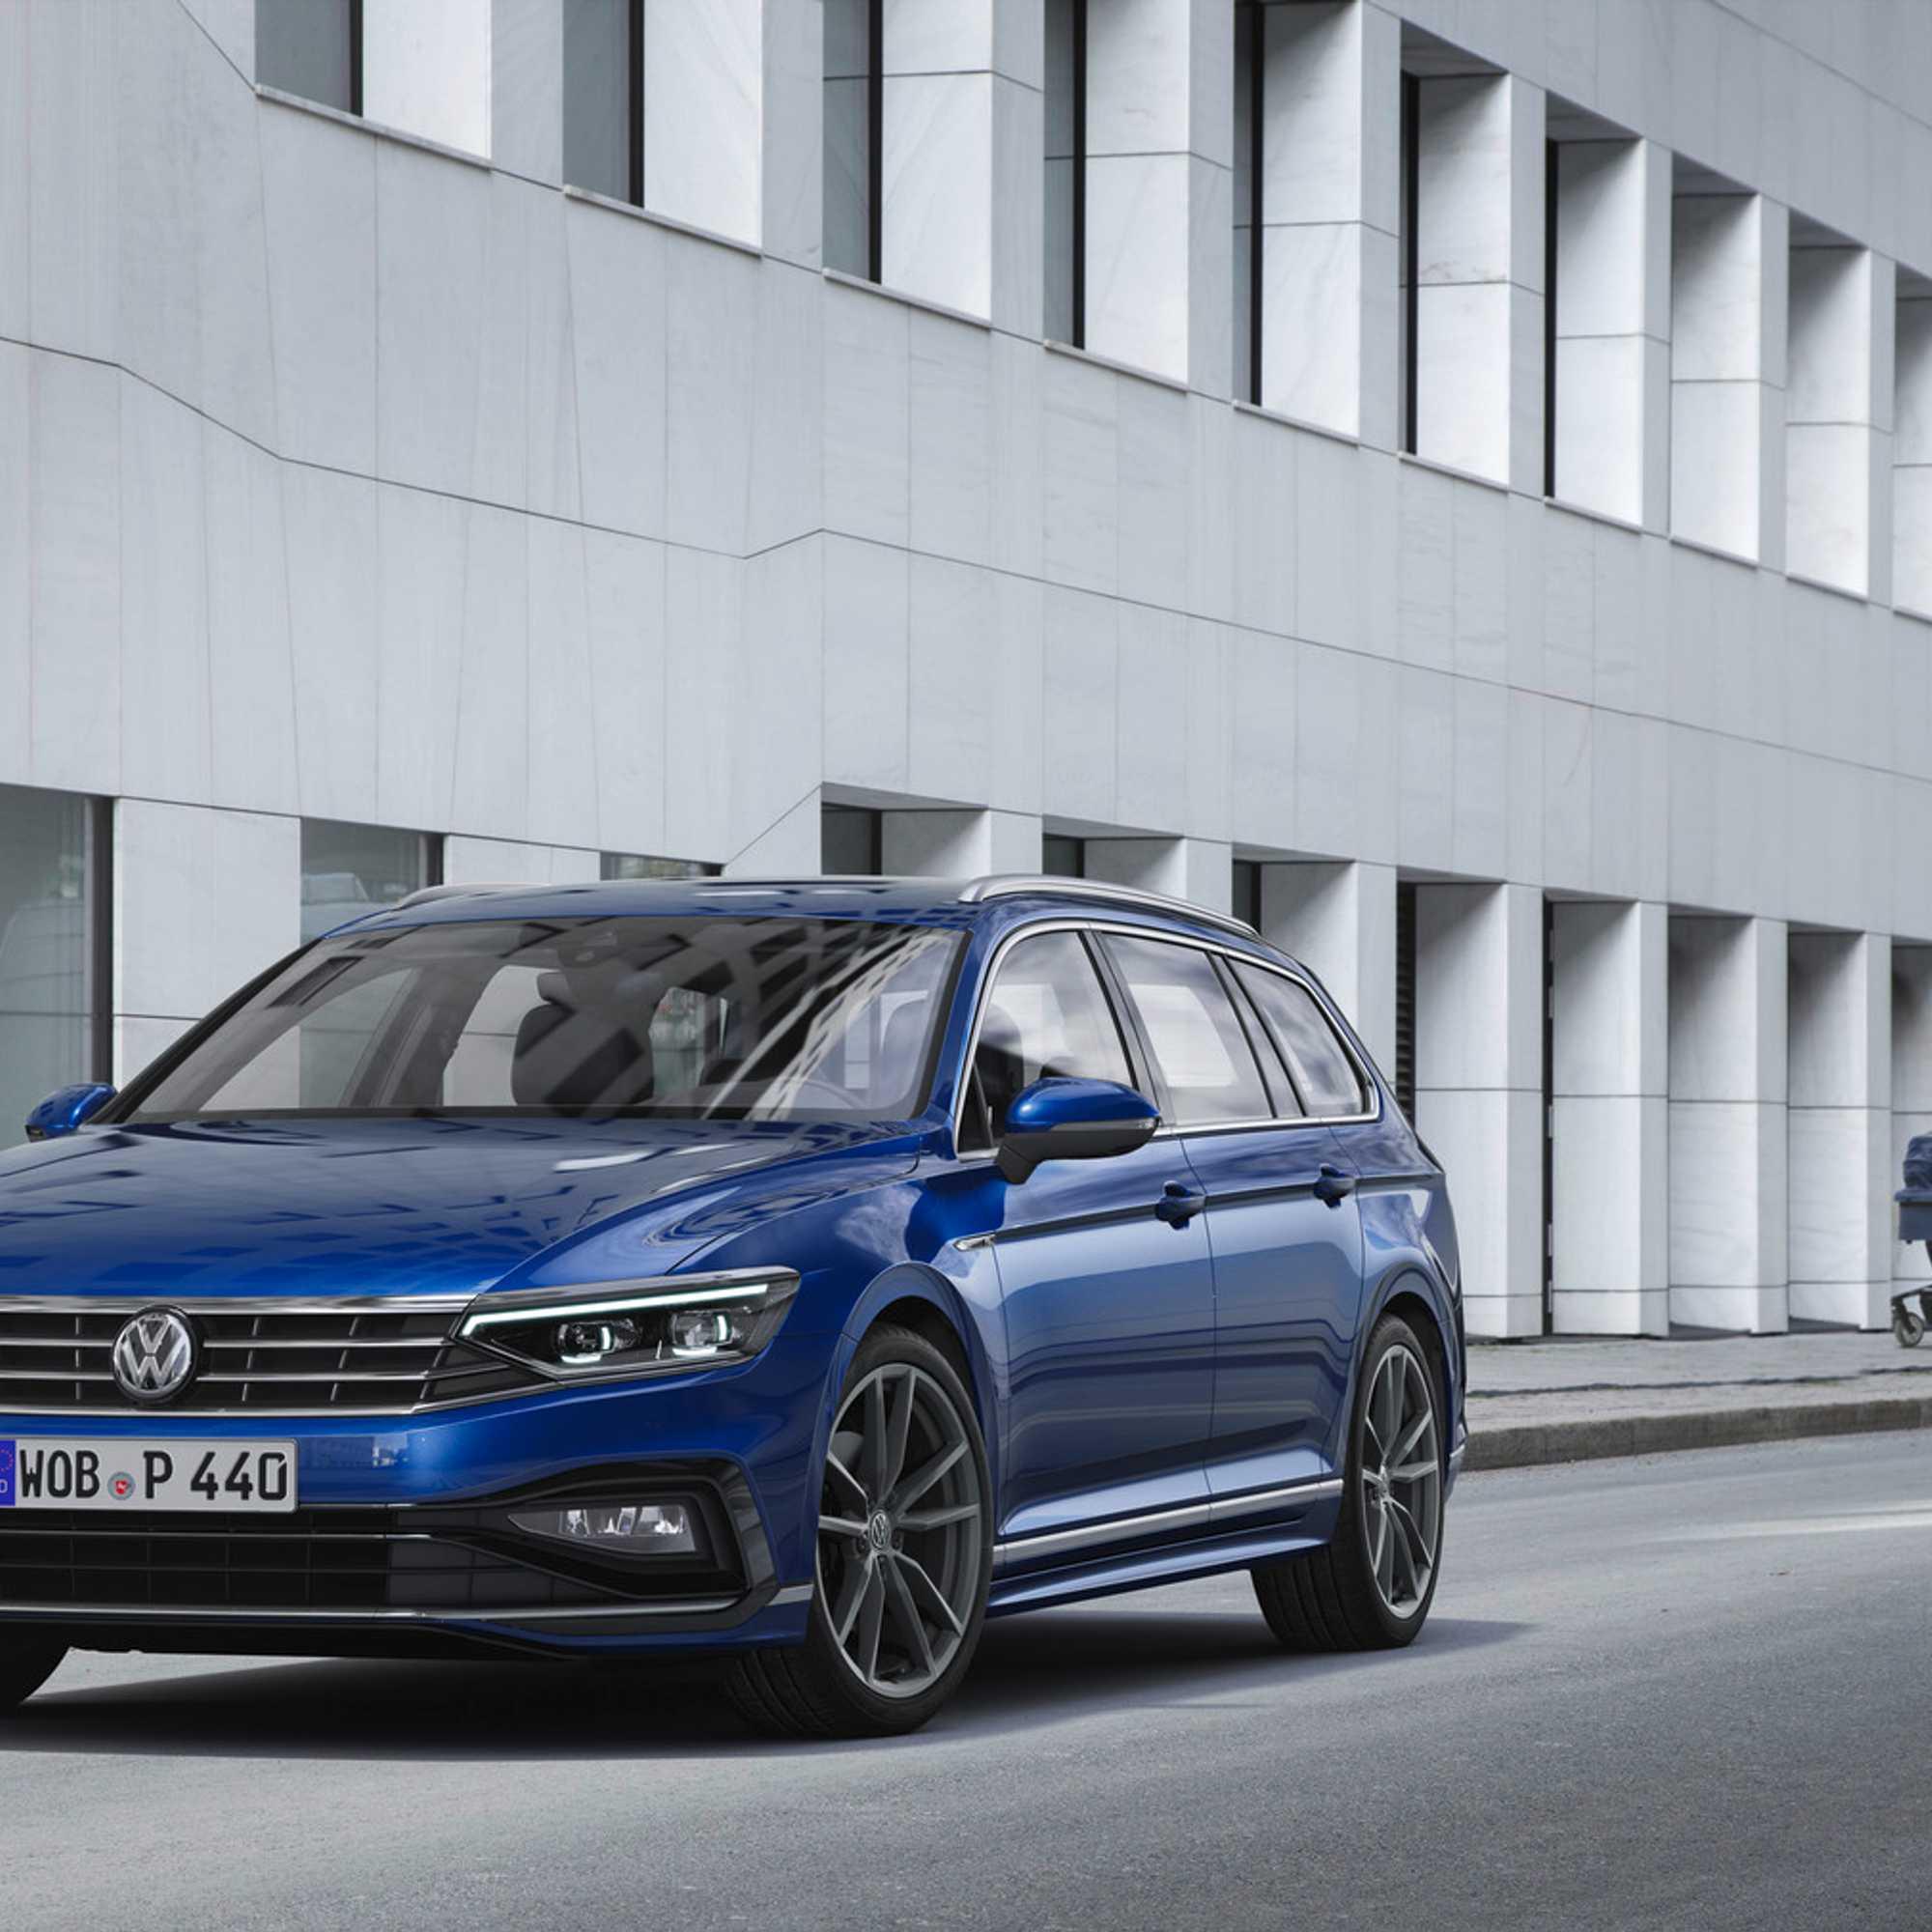 Tällainen On Uusi Volkswagen Passat 2020 - Eurooppaan Keväällä